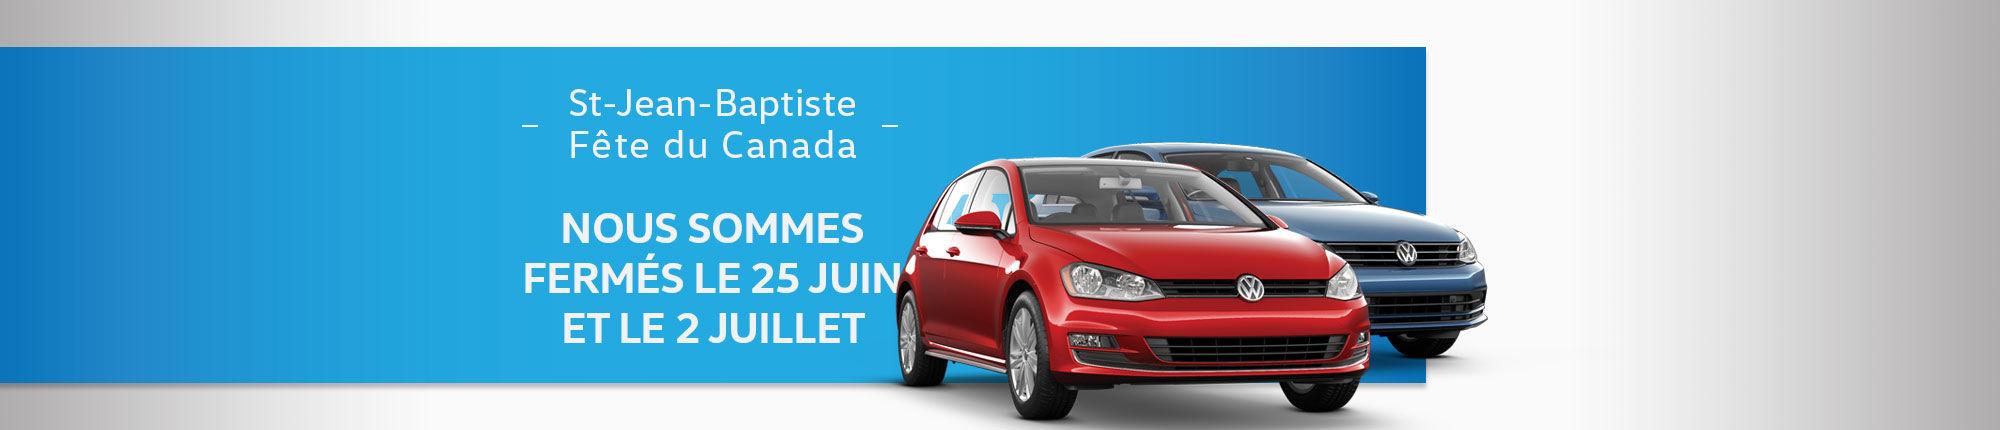 Événement Volkswagen (Copie)